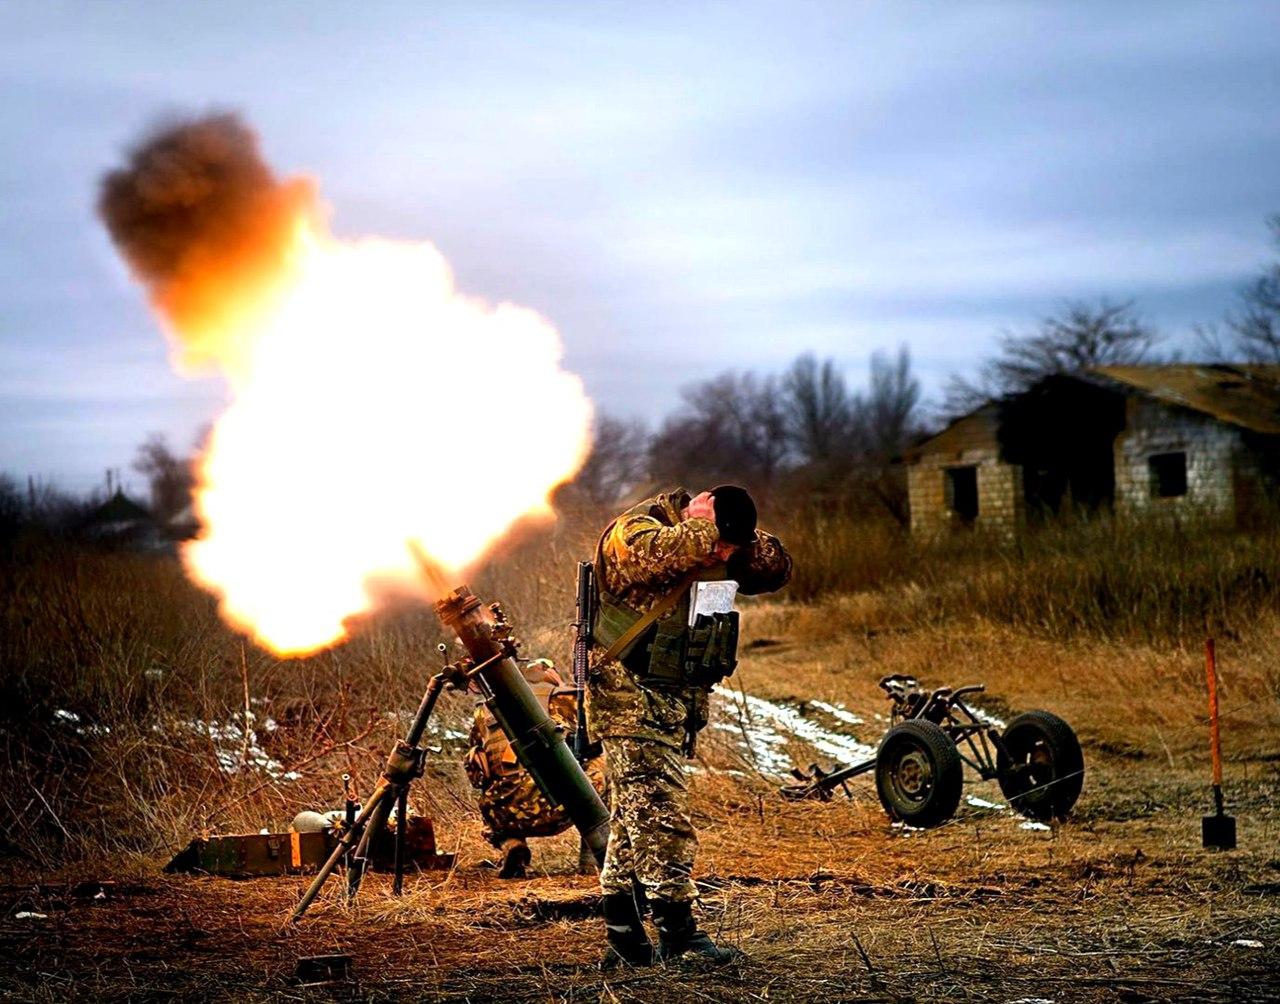 Очередное обострение на Донбассе: силы т.н. ССО проводят обстрелы ДНР